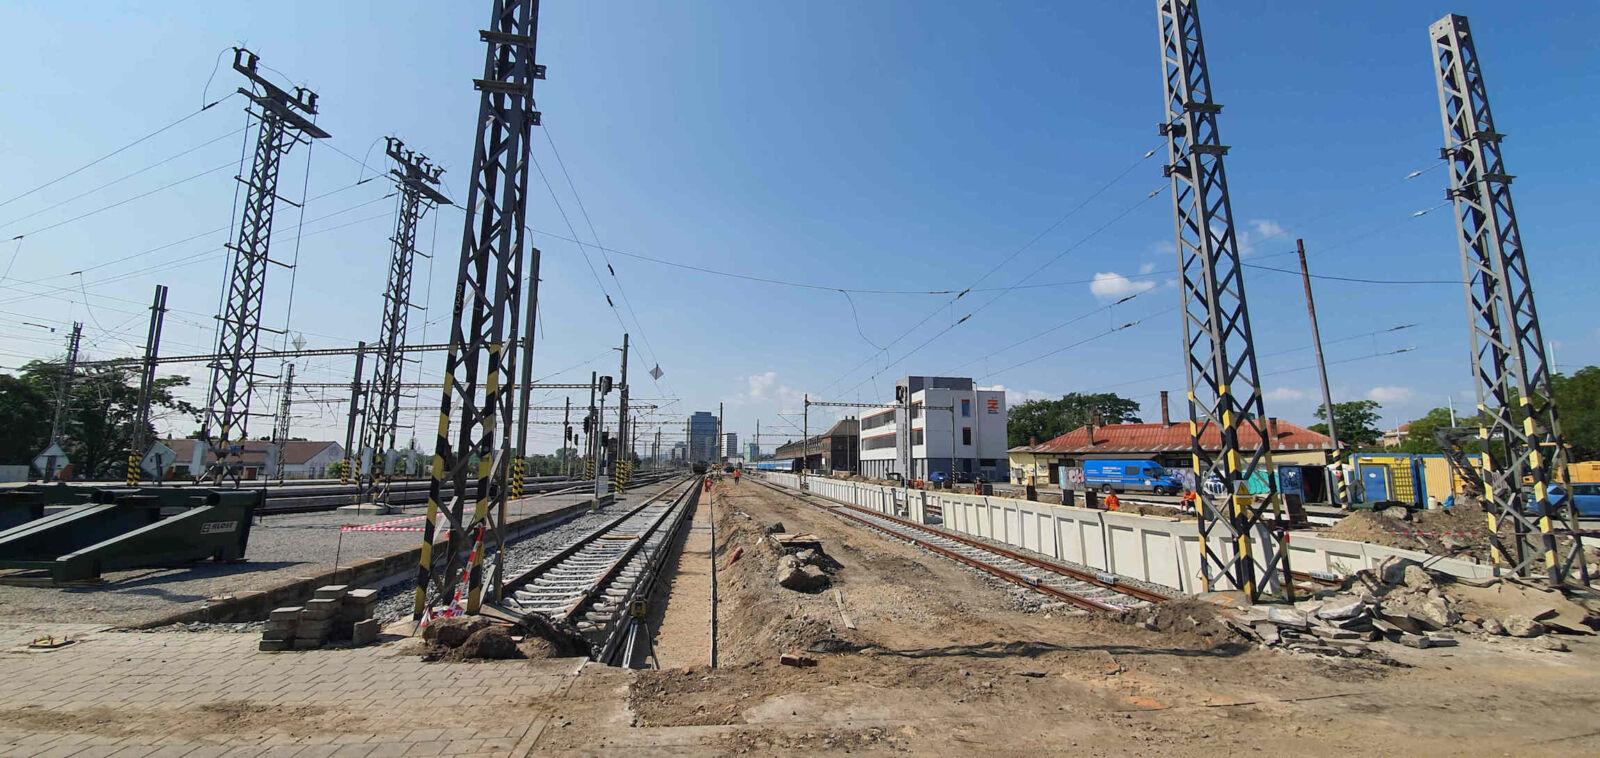 Rekonstrukce 5. a 6. nástupiště na brněnském hlavním nádraží, 2021